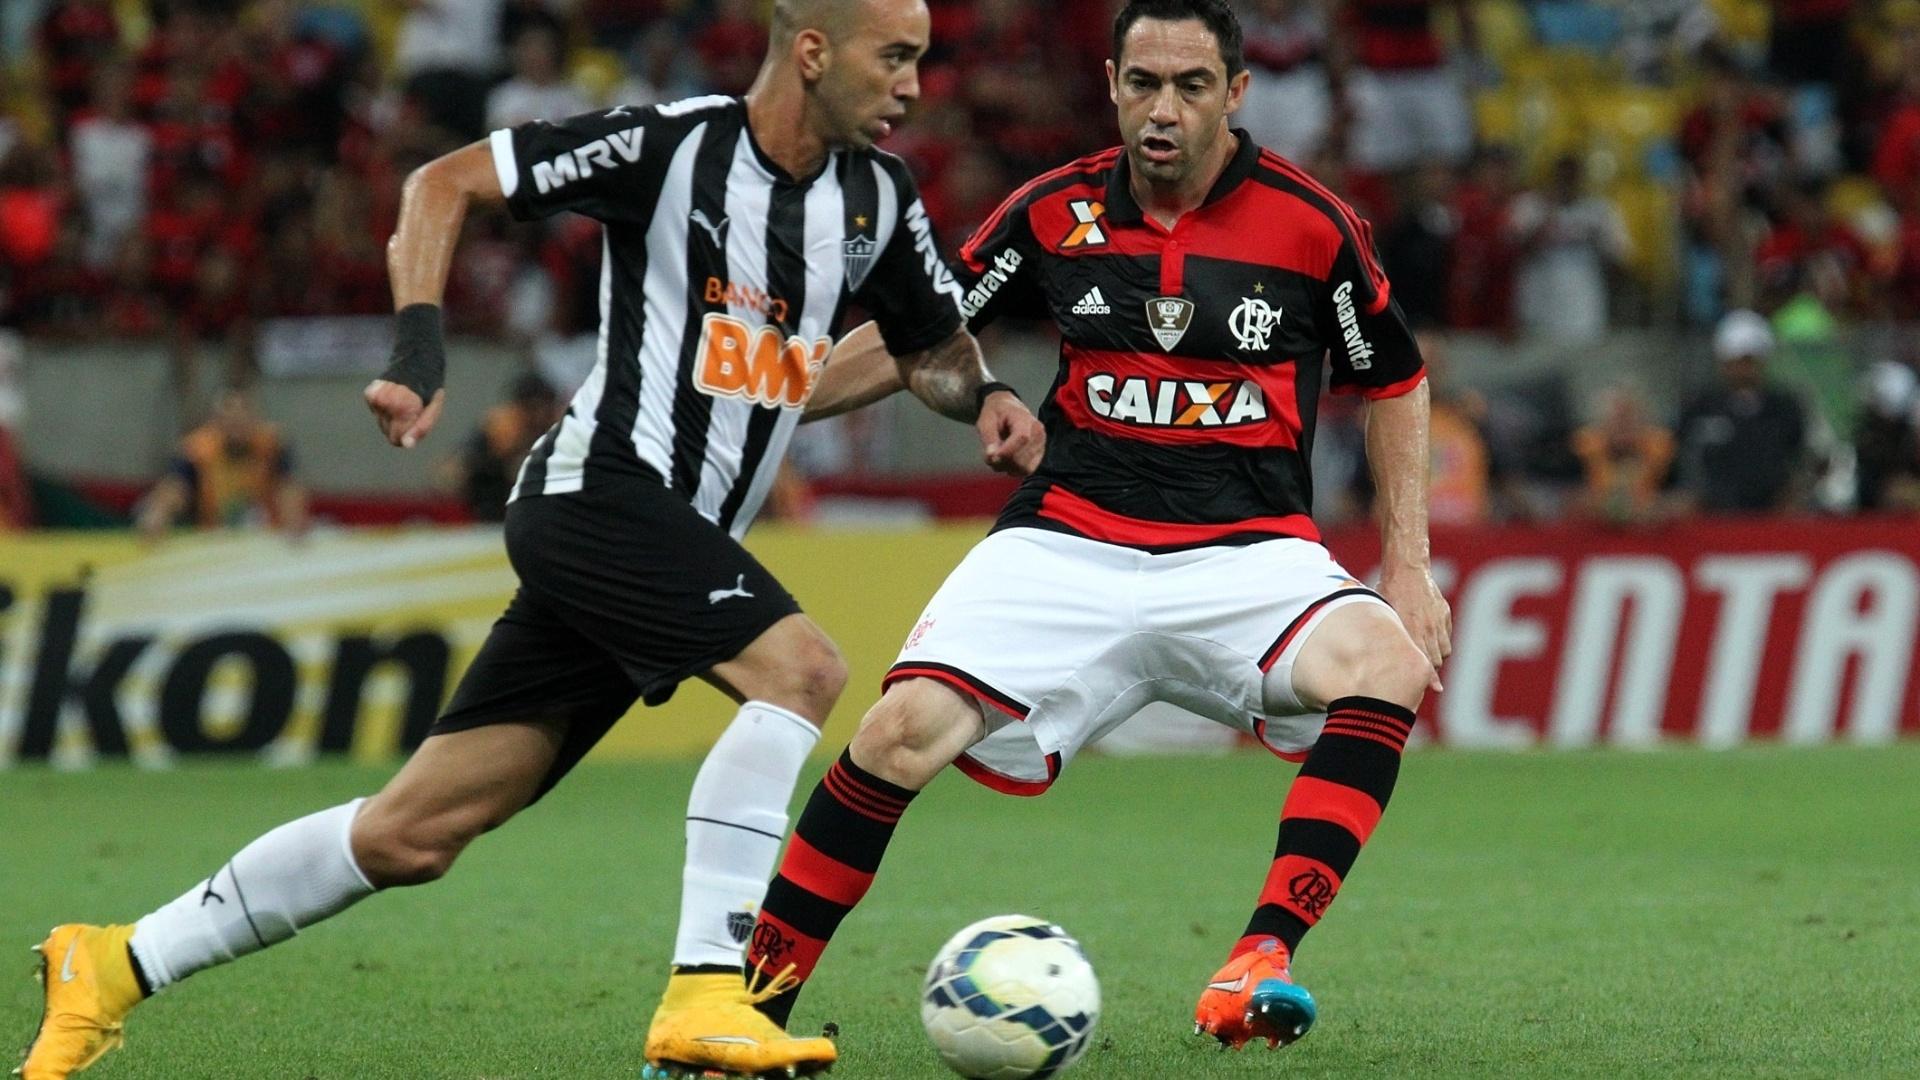 Tardelli tenta driblar Chicão na partida entre Flamengo e Atlético-MG pela Copa do Brasil